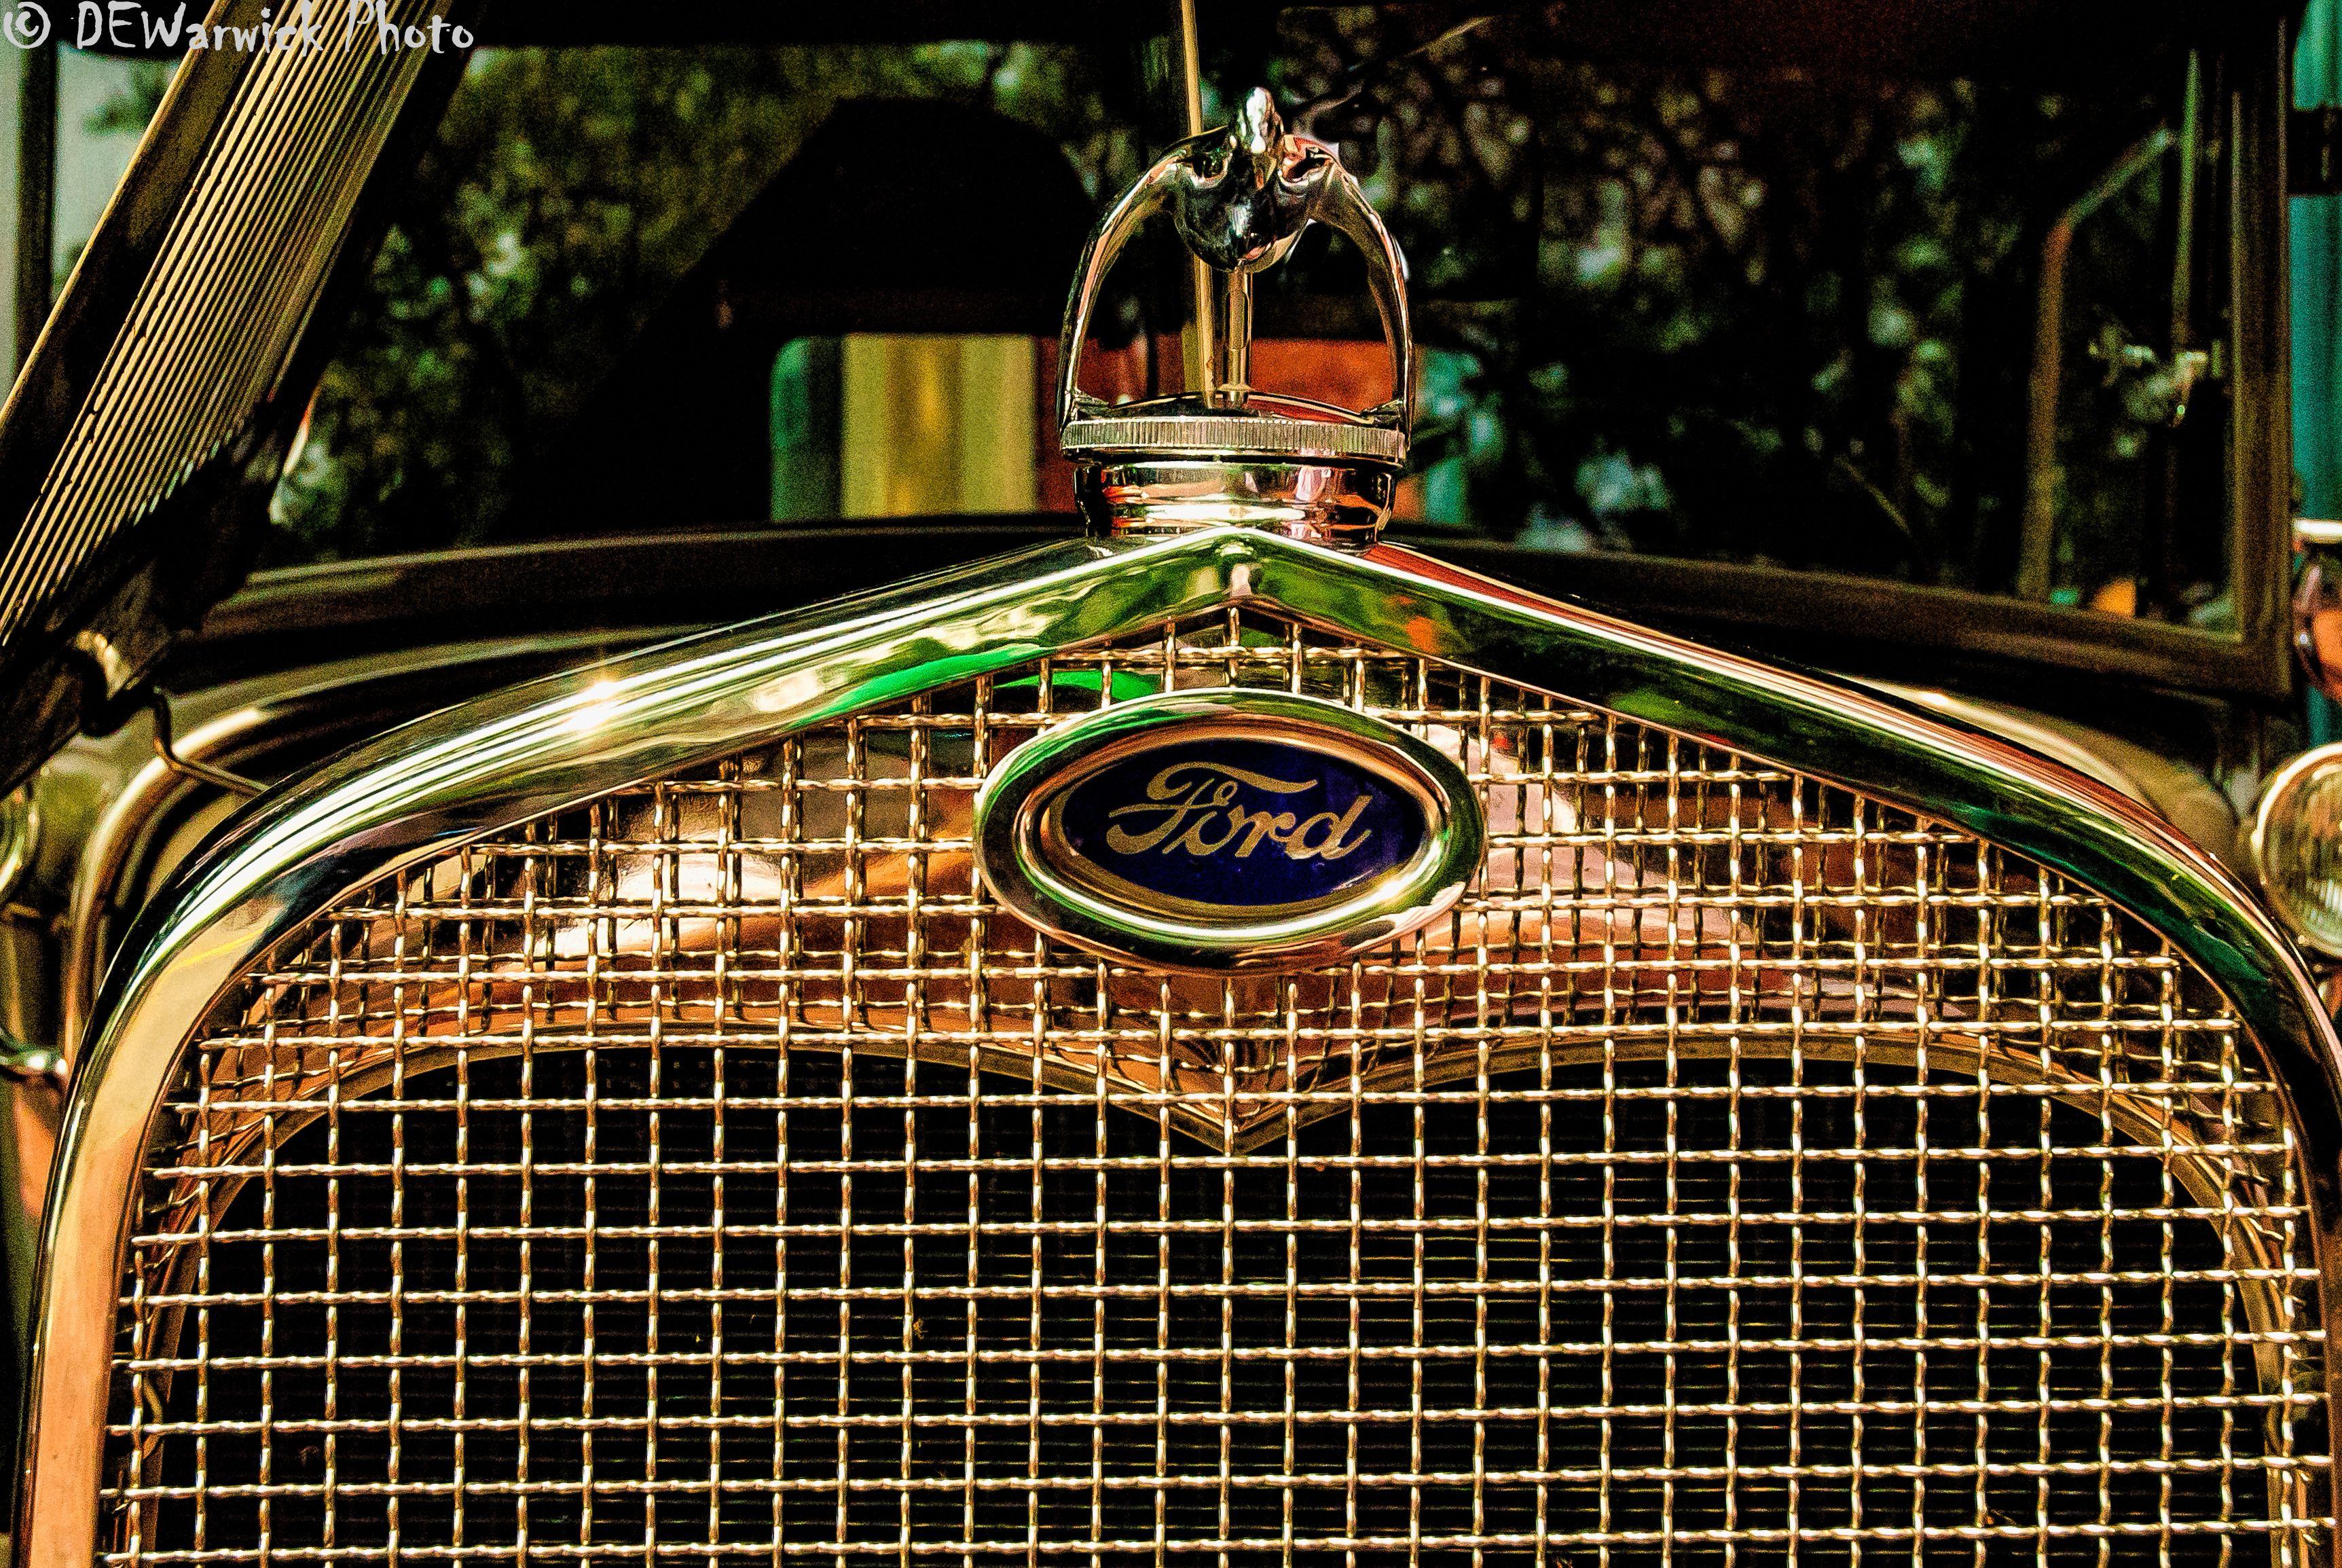 """""""Ford grill I"""" DEWarwick Photography"""